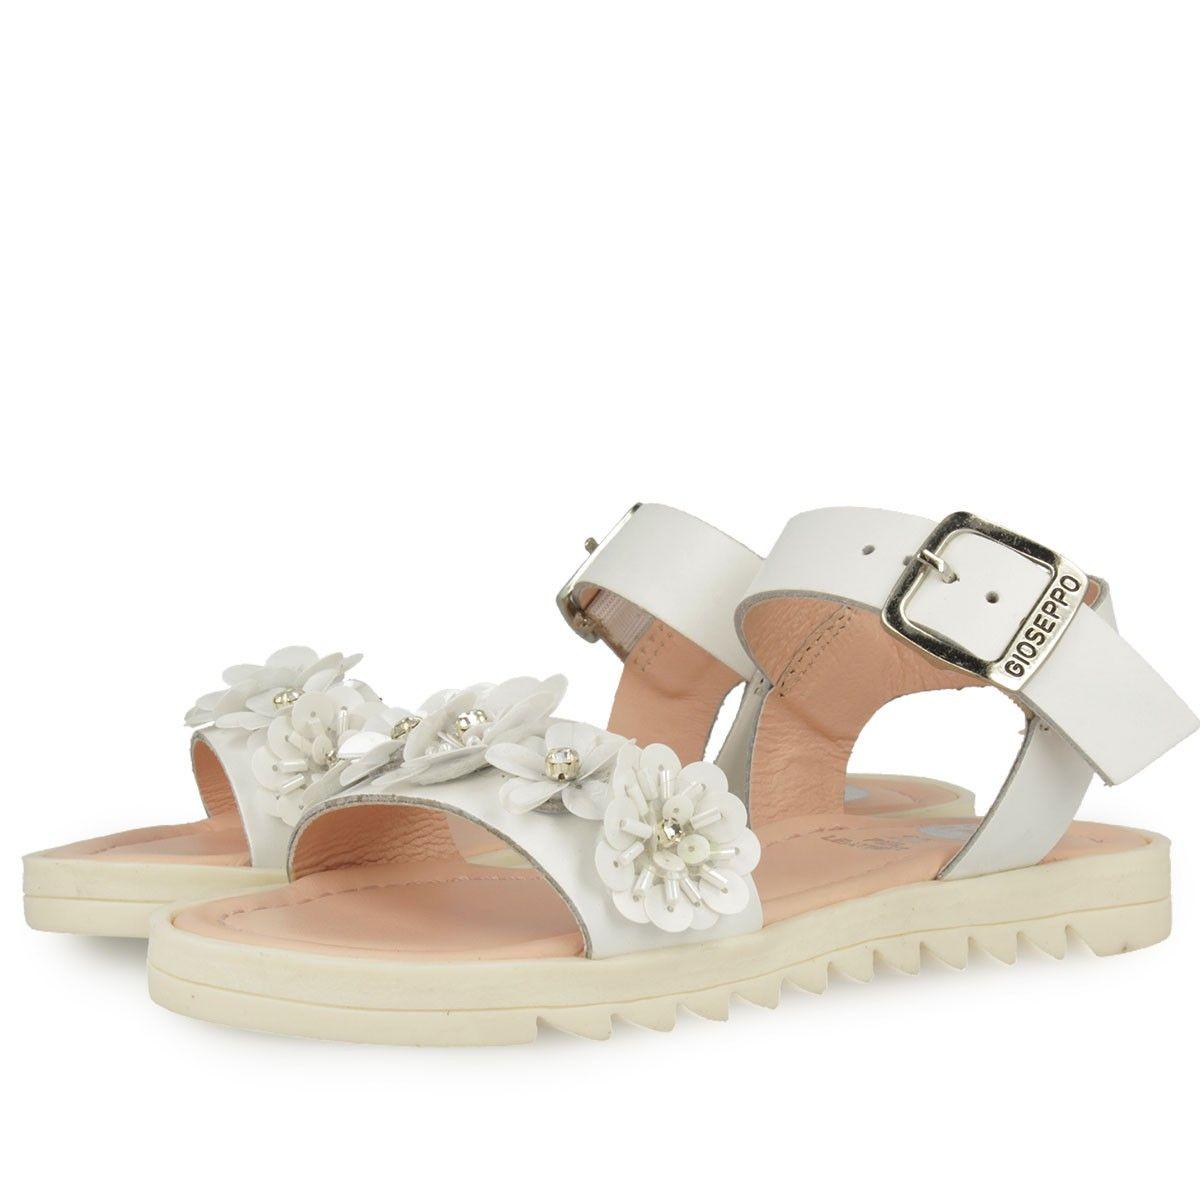 Zapatos blancos Gioseppo Acaena infantiles MWOLSe6oGN